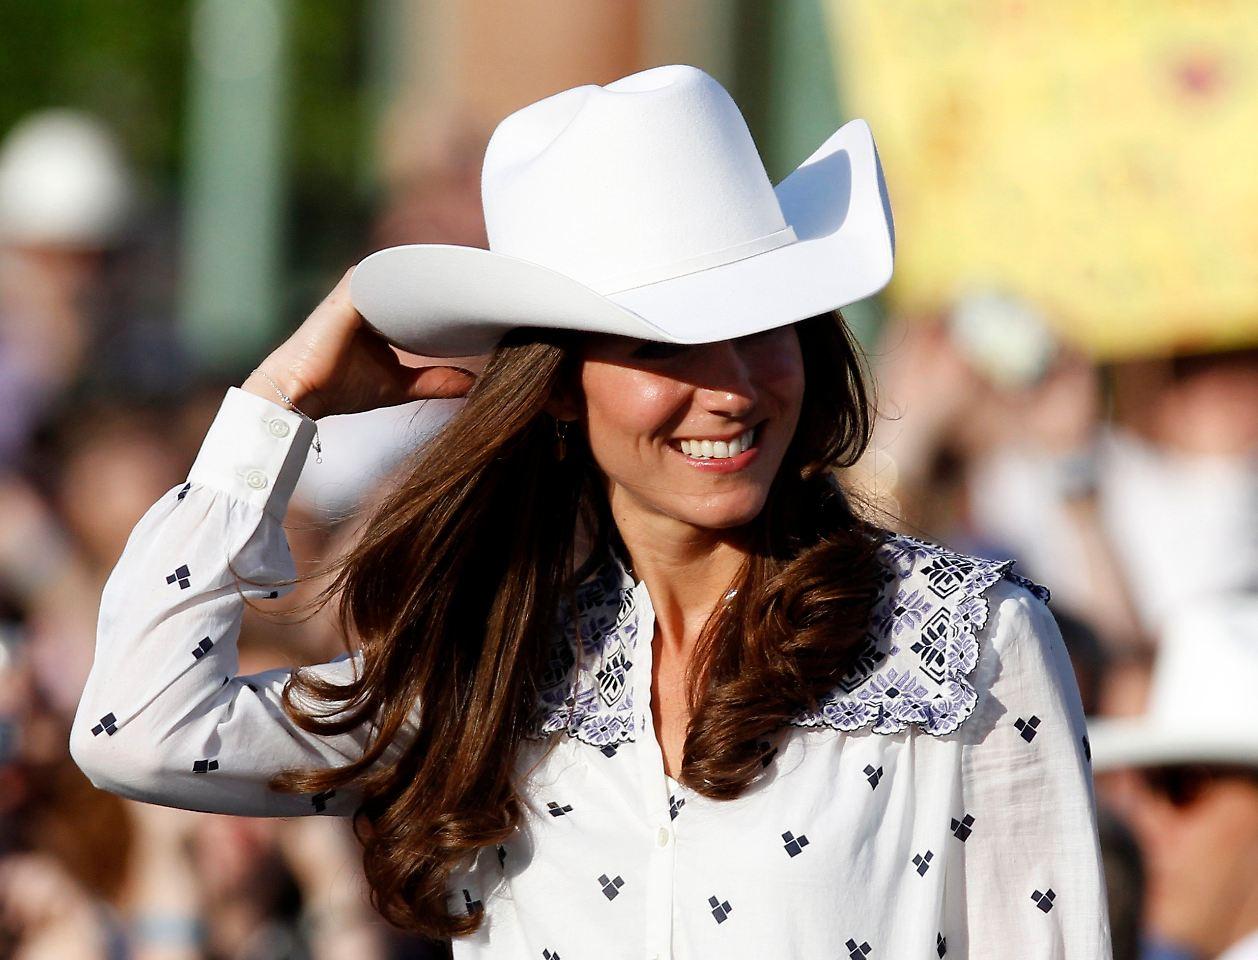 Prinzenpaar im Cowboylook: Kanada verliebt in Kate - n-tv.de